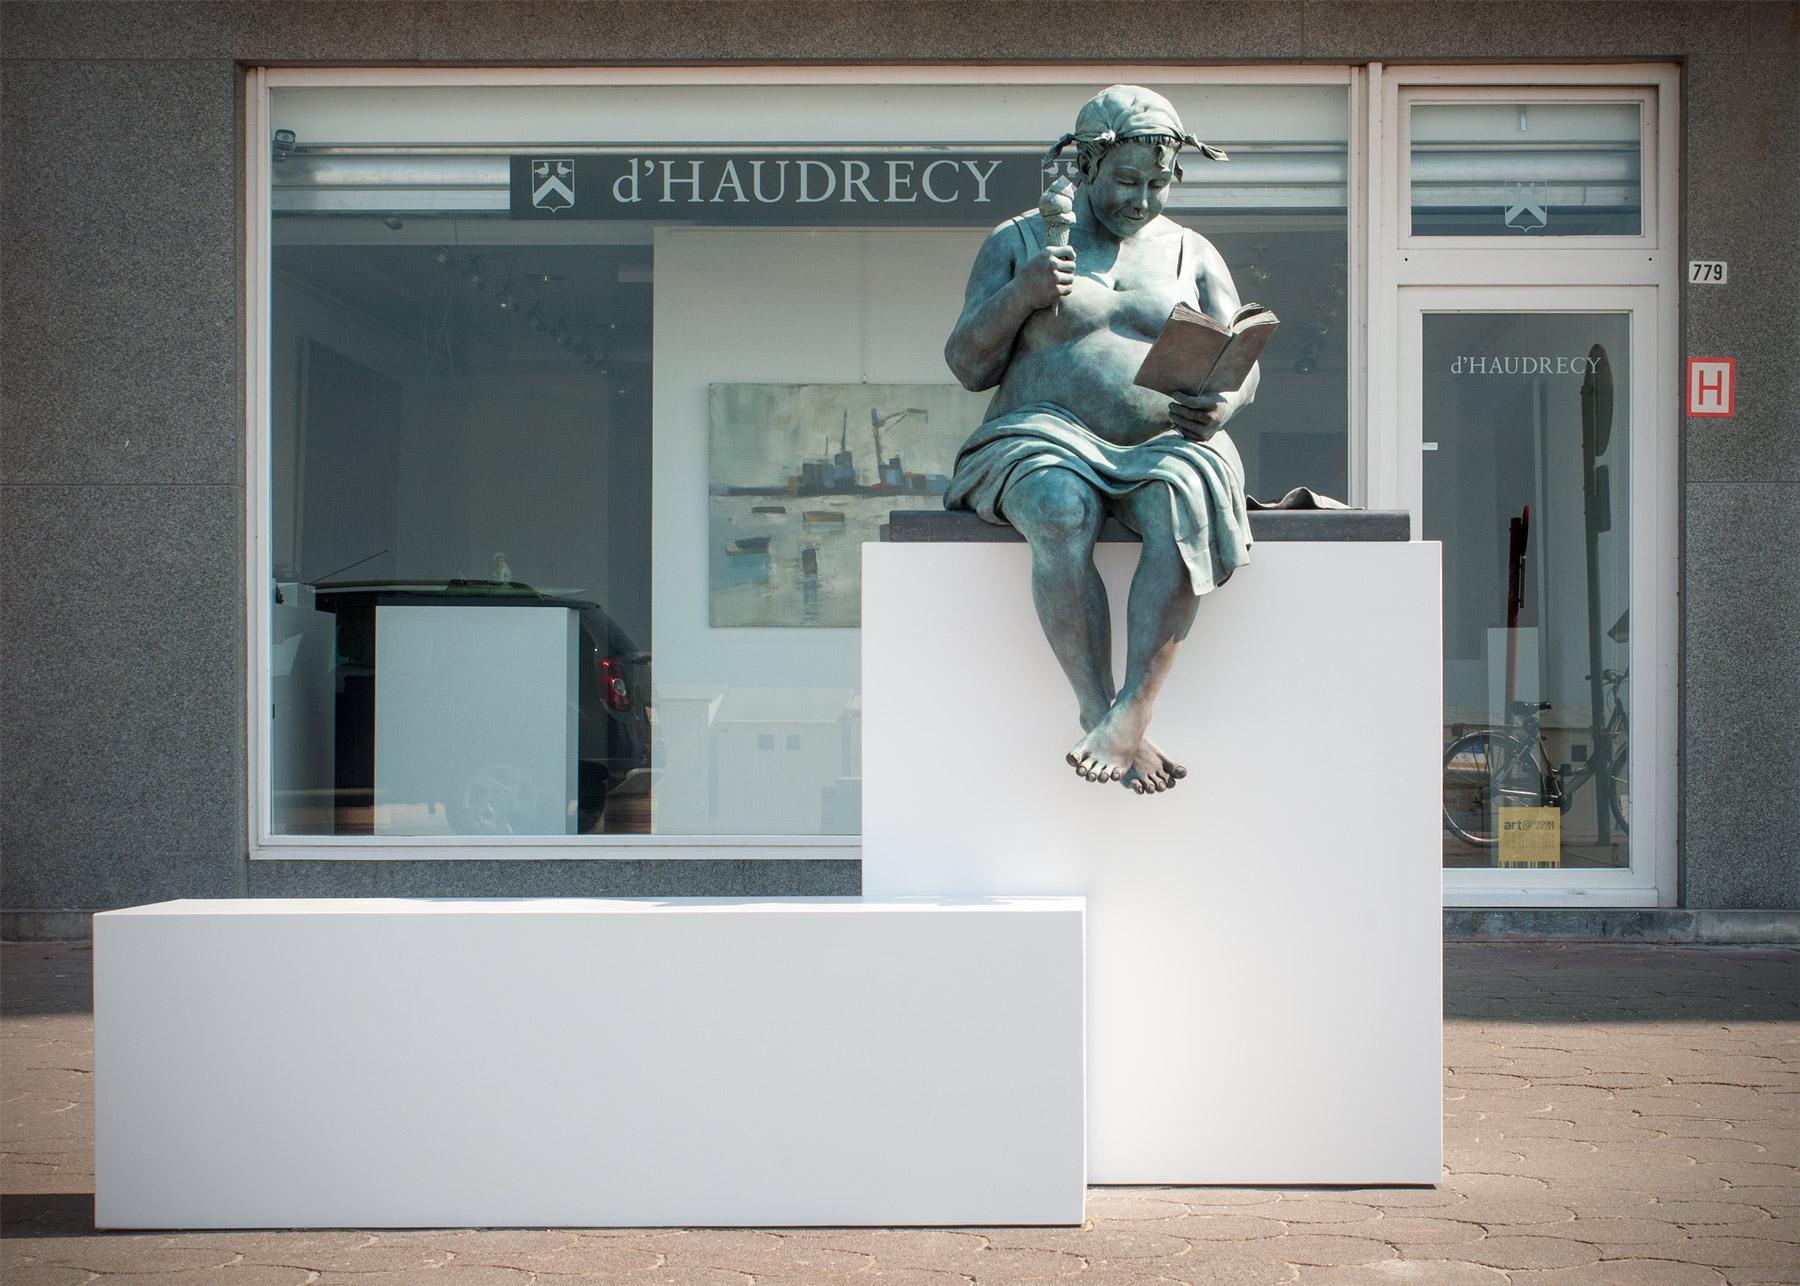 d'Haudrecy Art Gallery Knokke Belgium